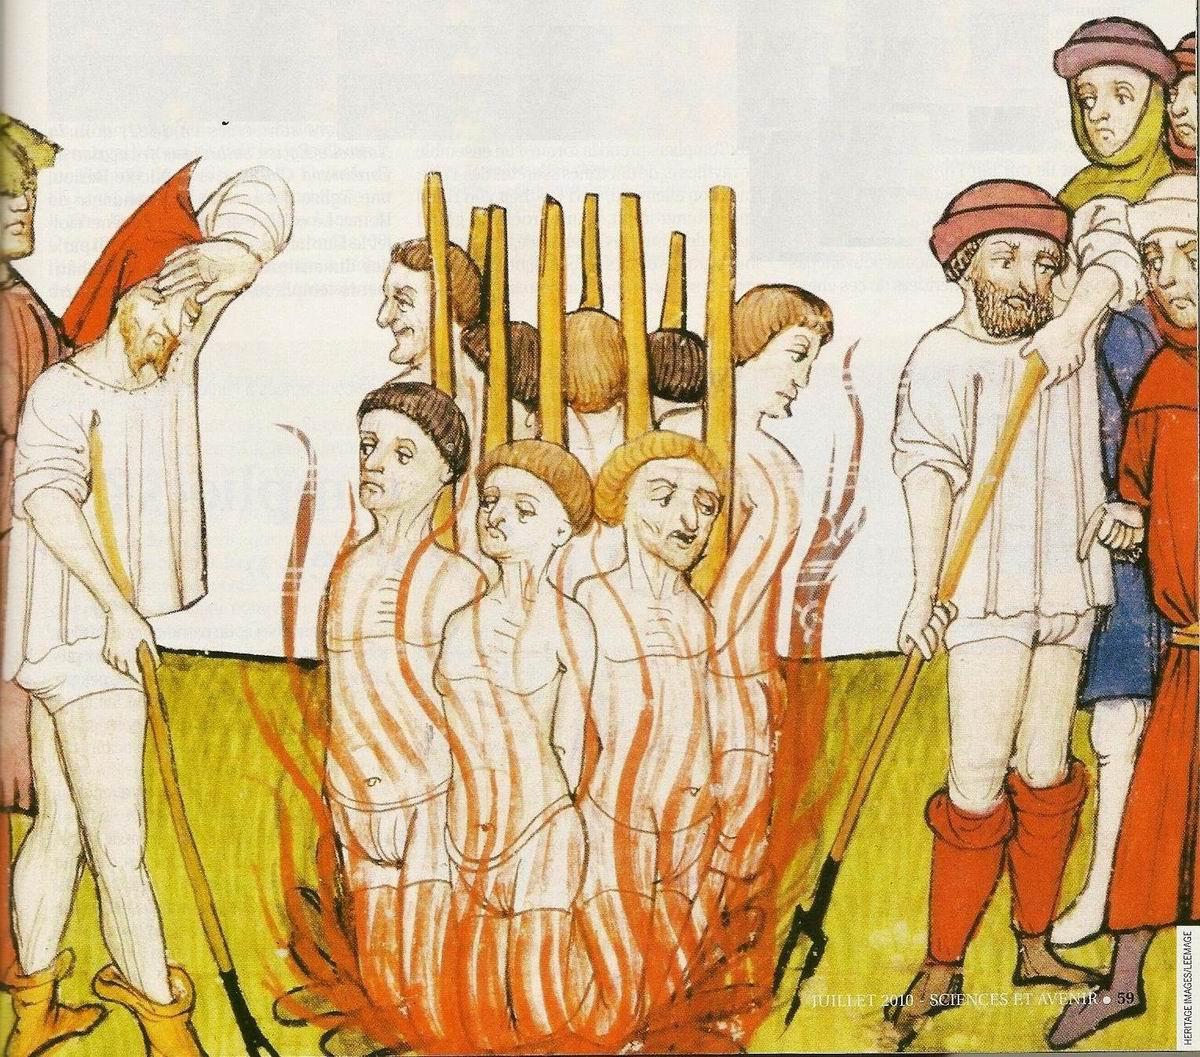 Grandes Chroniques de France, Bucher de Templiers